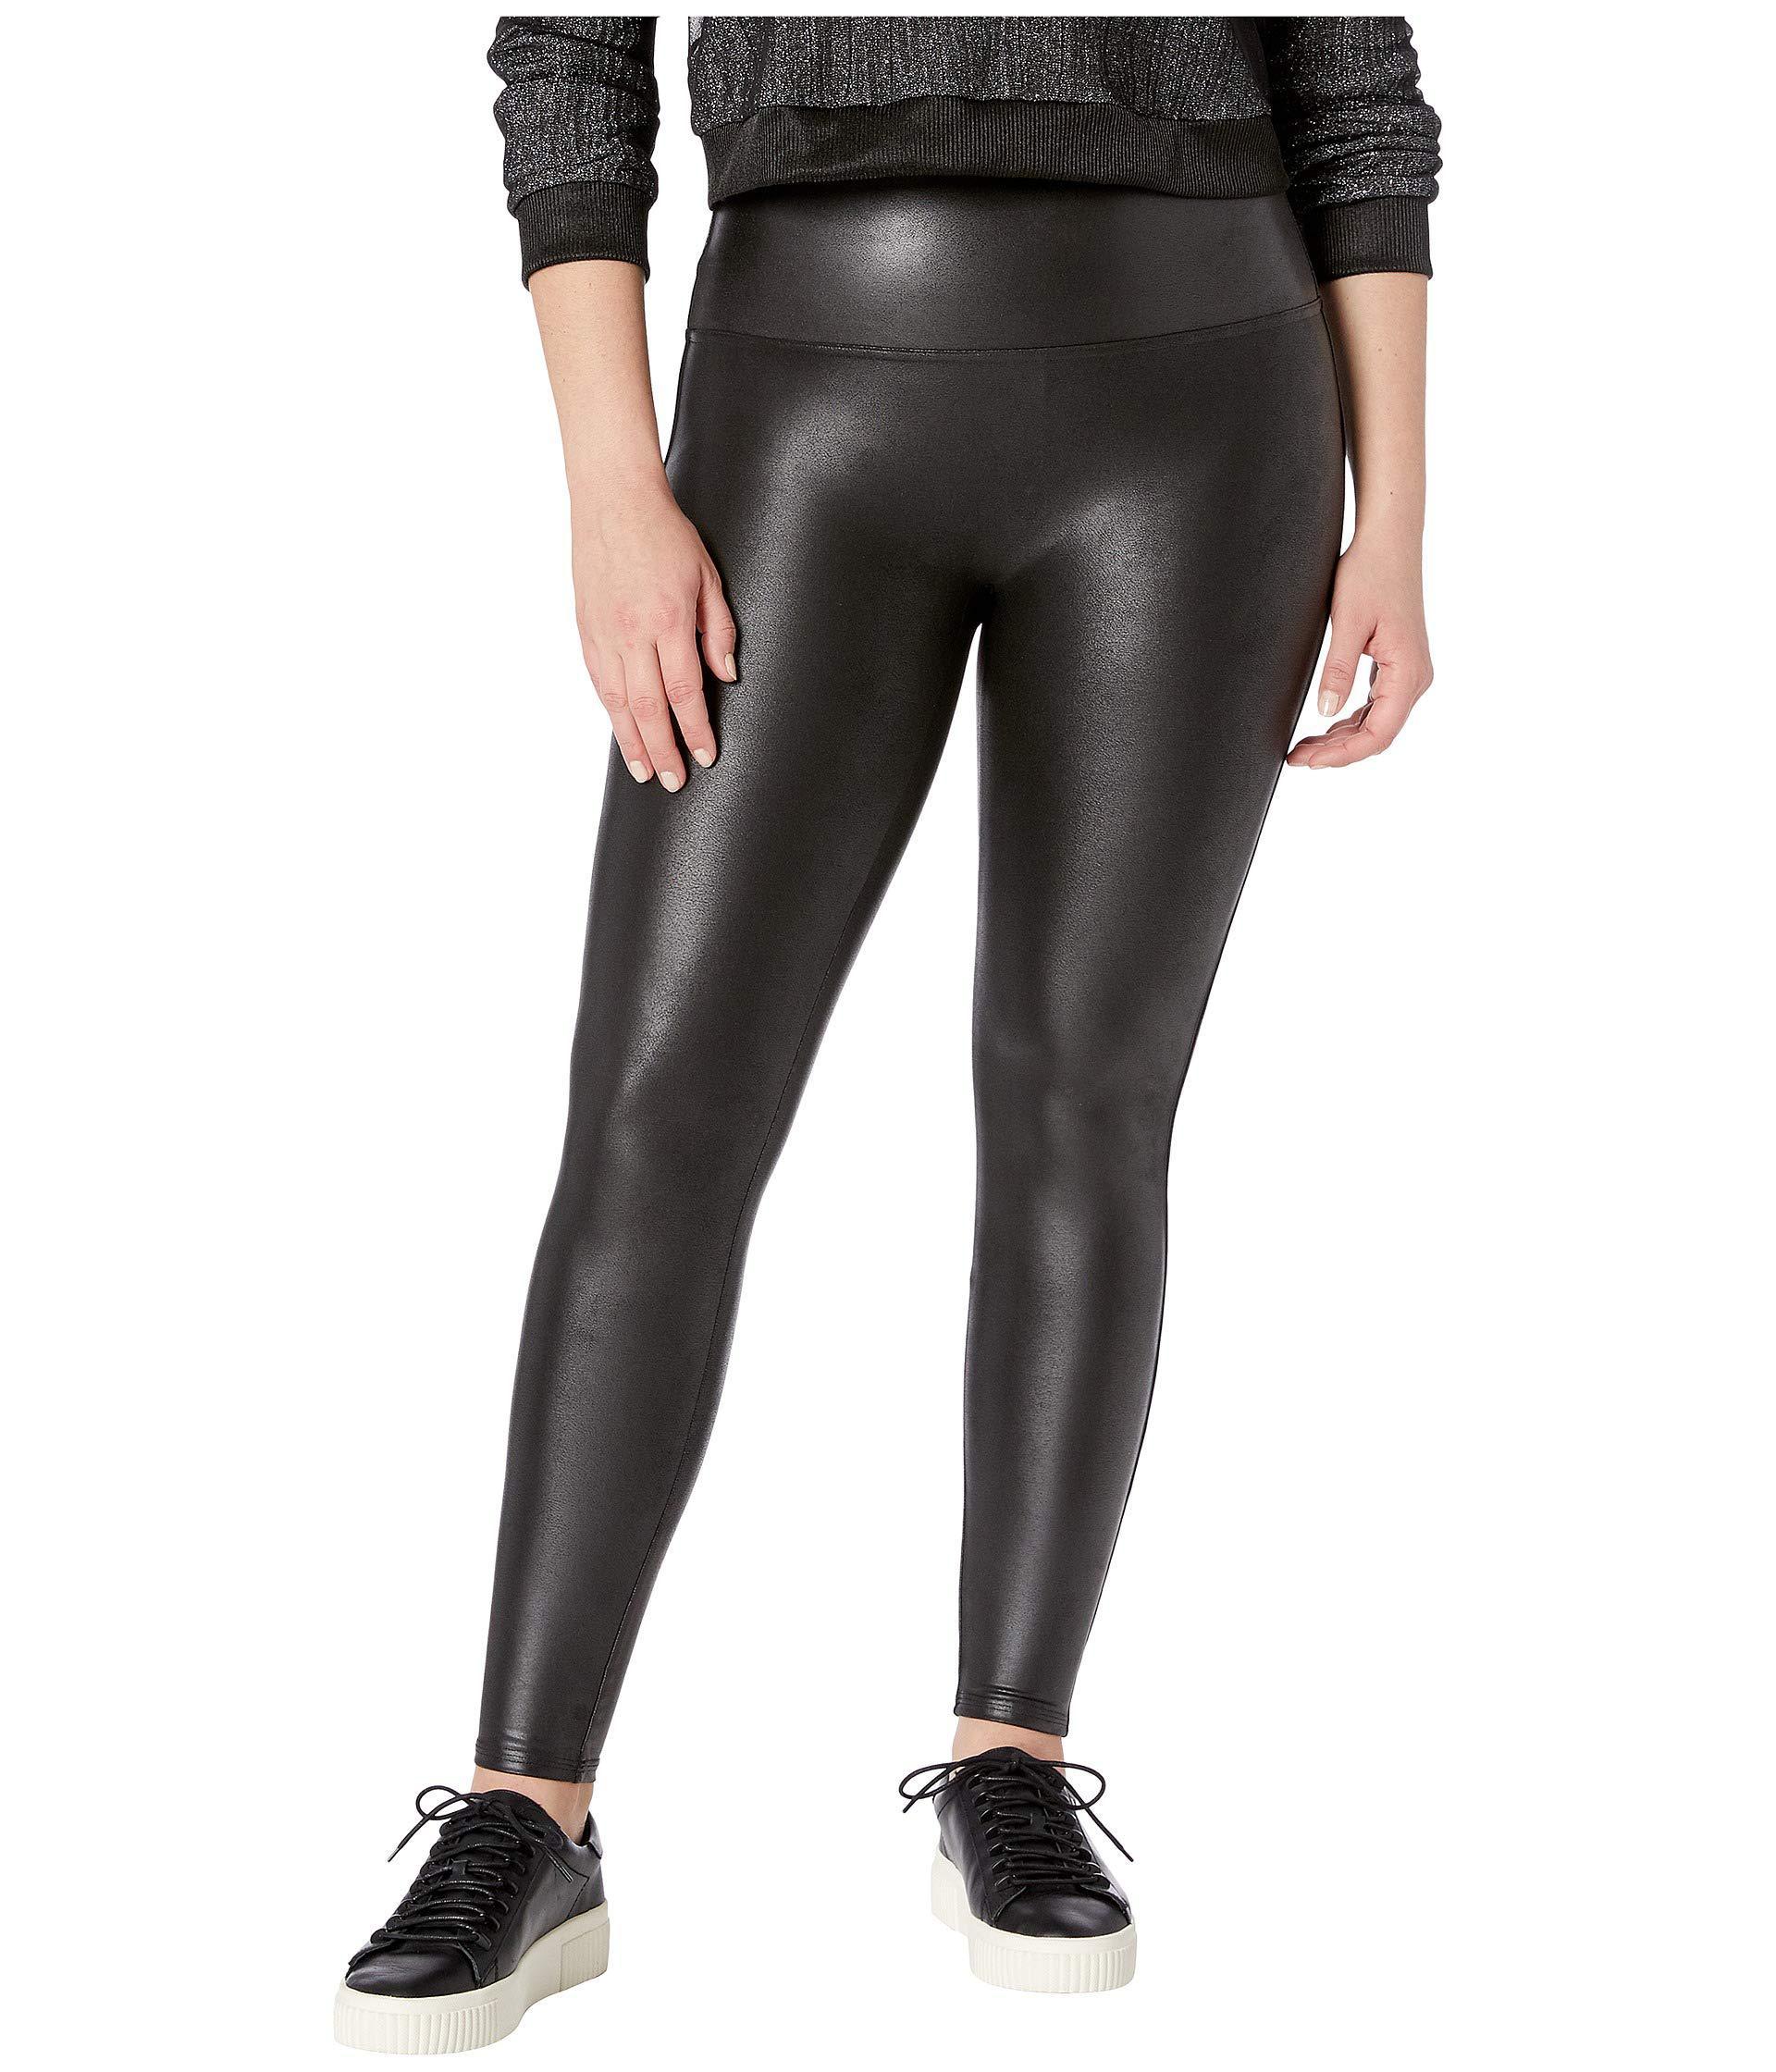 8c199a125c2 Lyst - Spanx Plus Size Faux Leather Petite Leggings (black) Women s ...